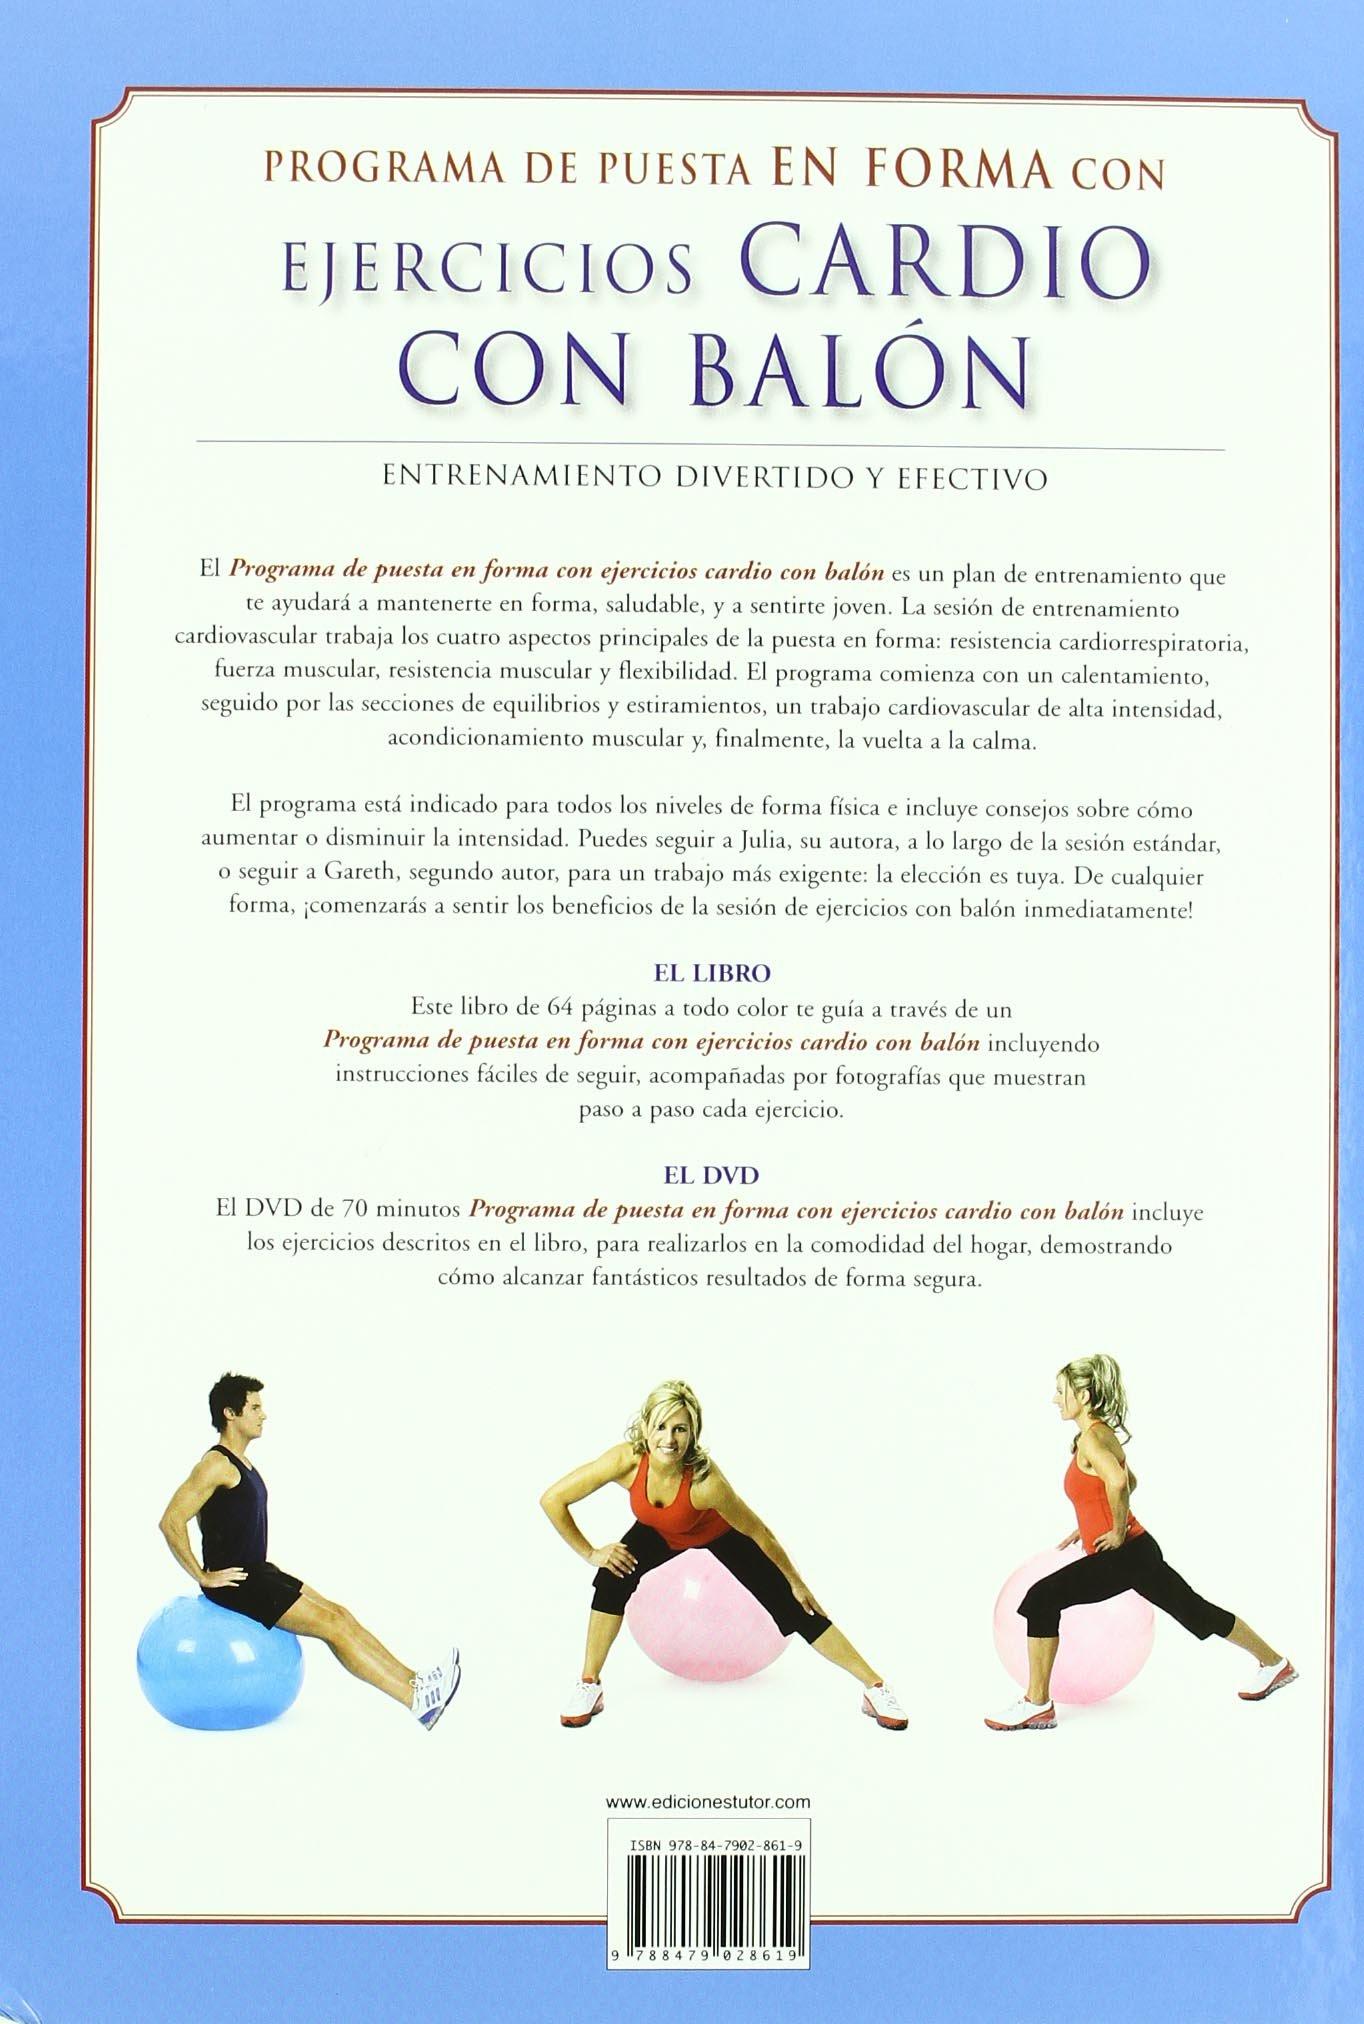 Ejercicios Cardio Con Balon Cardio Ball Fitness Workout